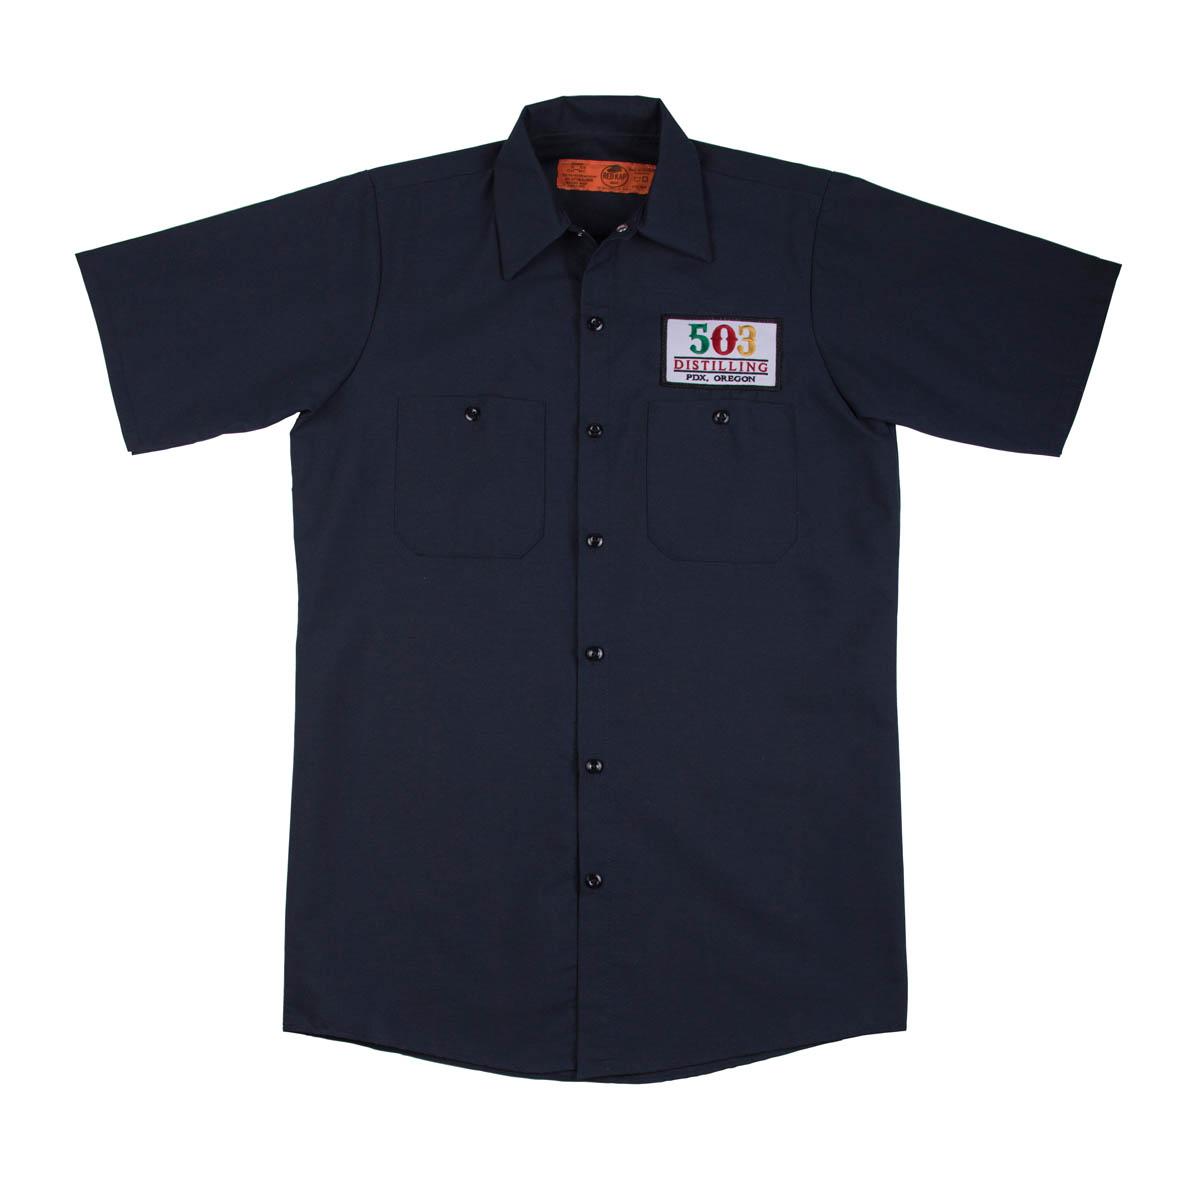 503 Work Shirt